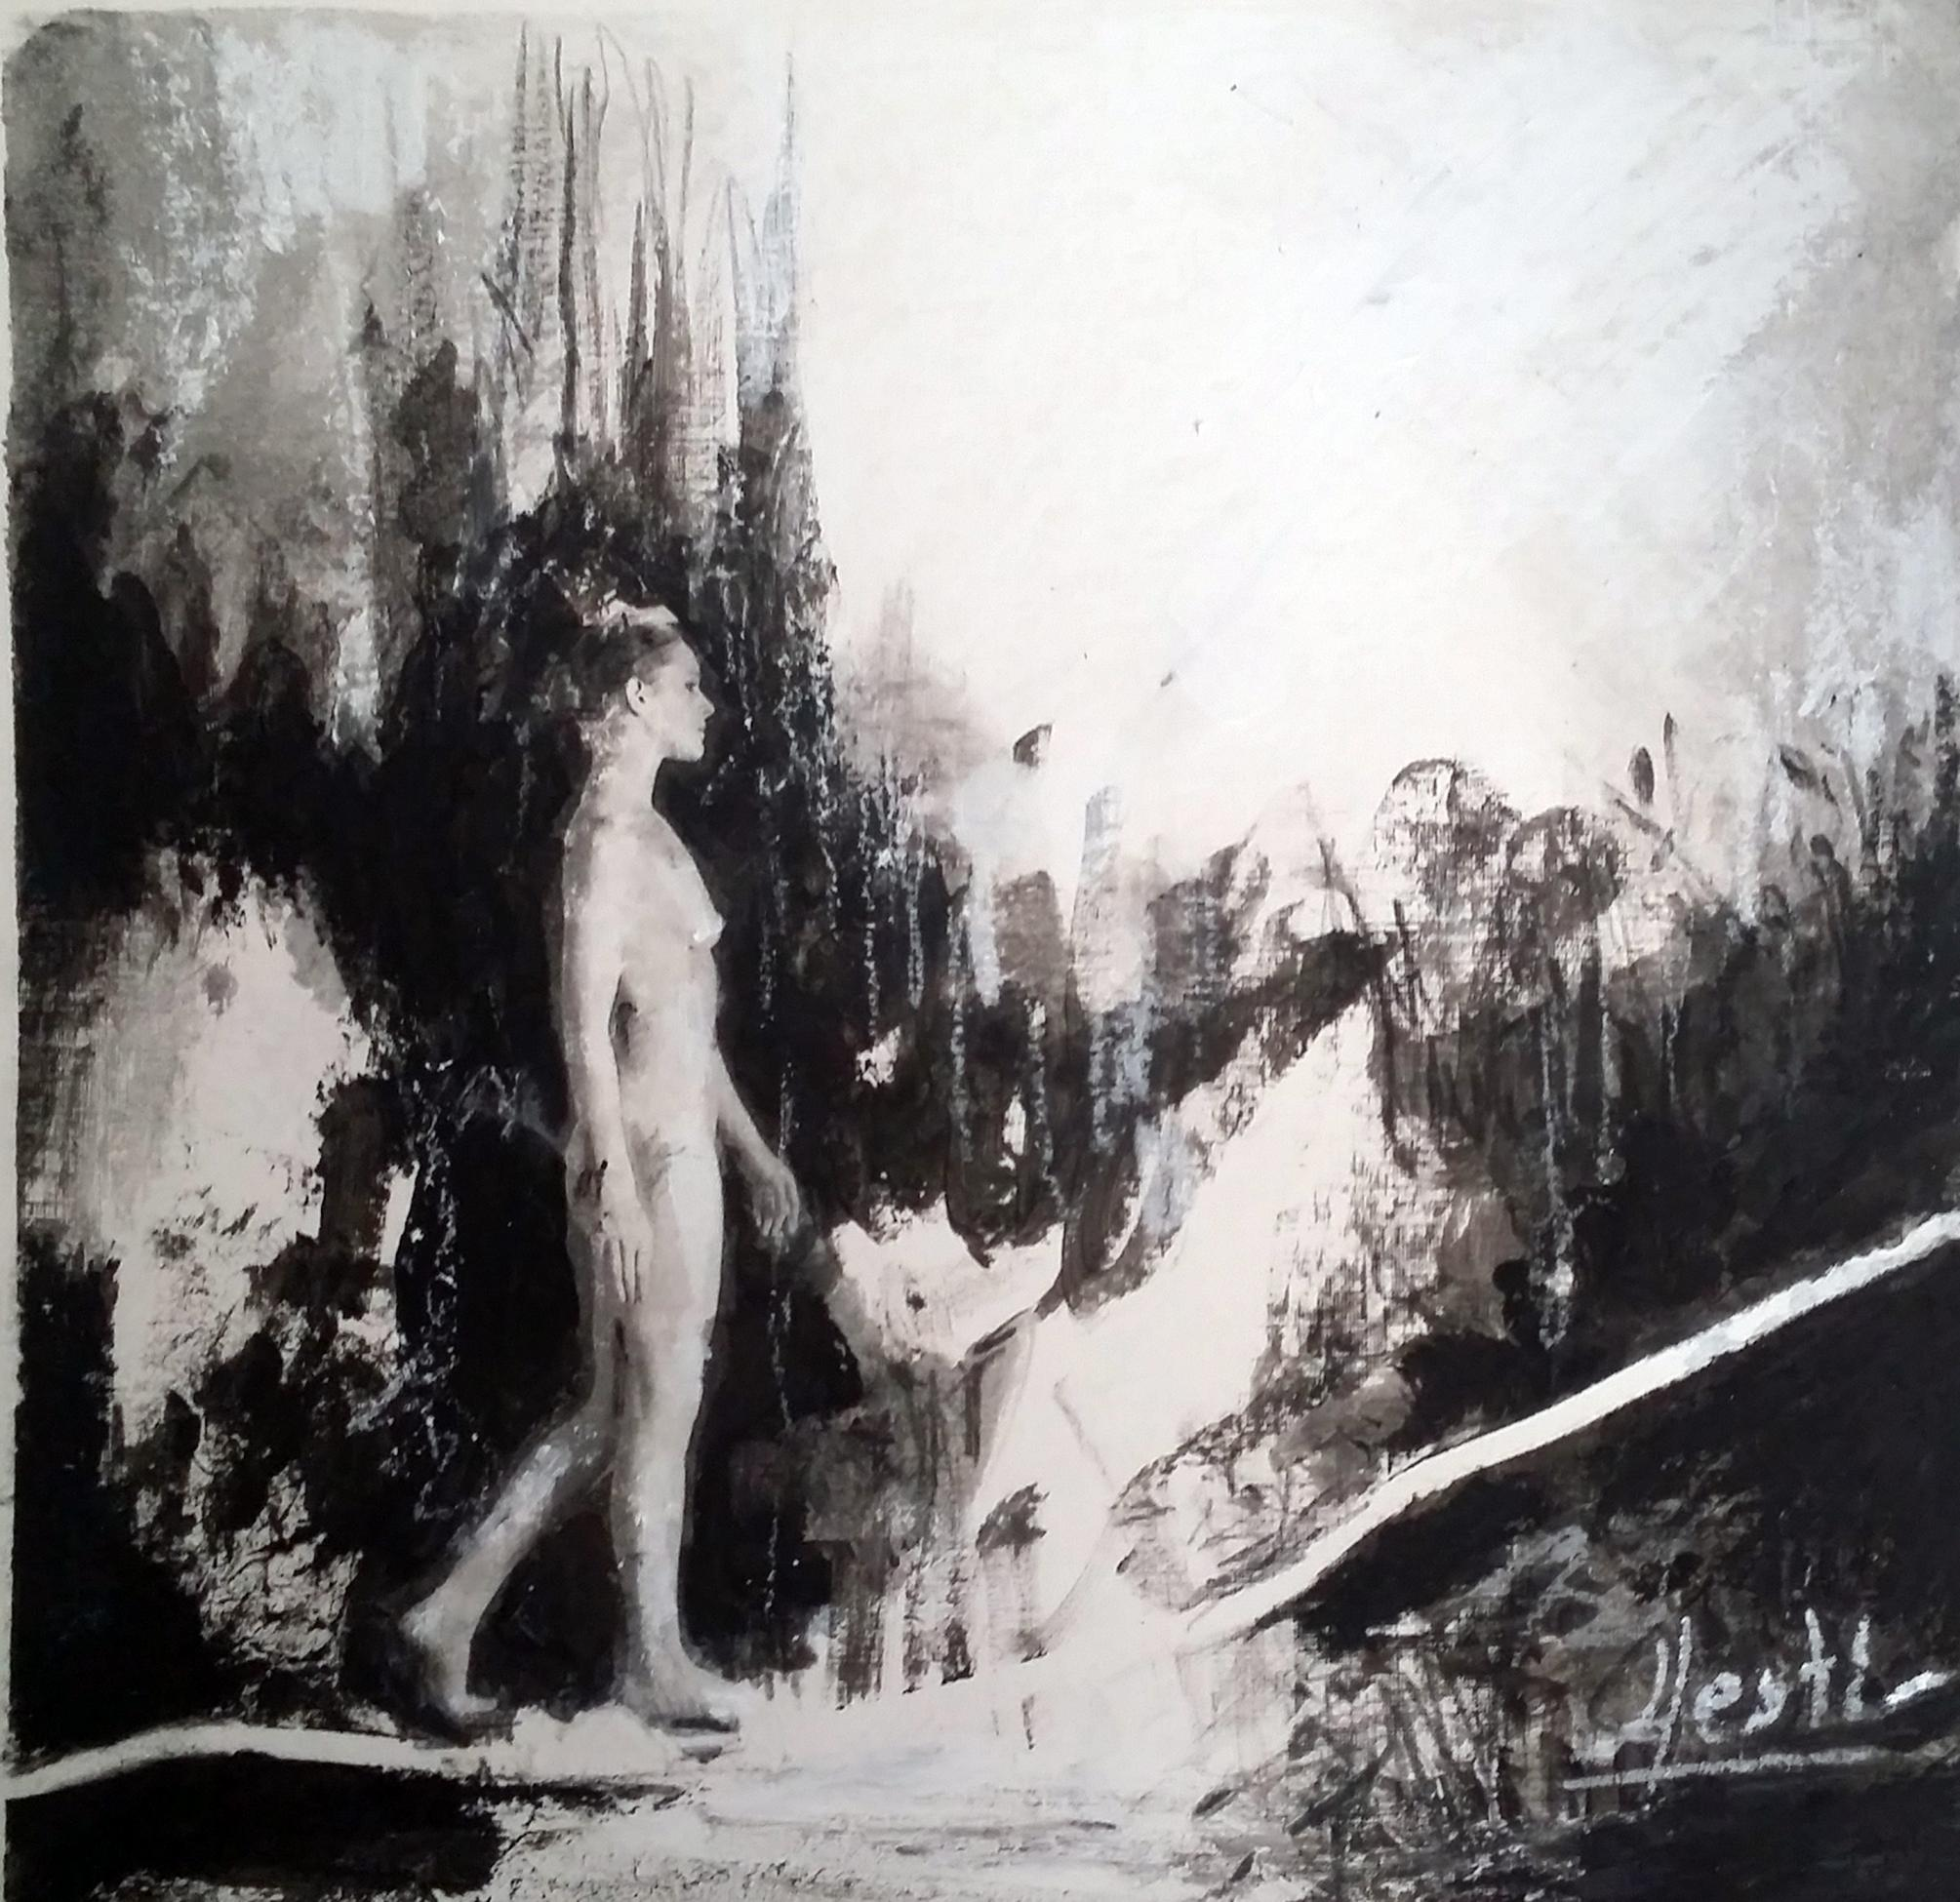 Besando el silencio (2017) - Ana Llestin